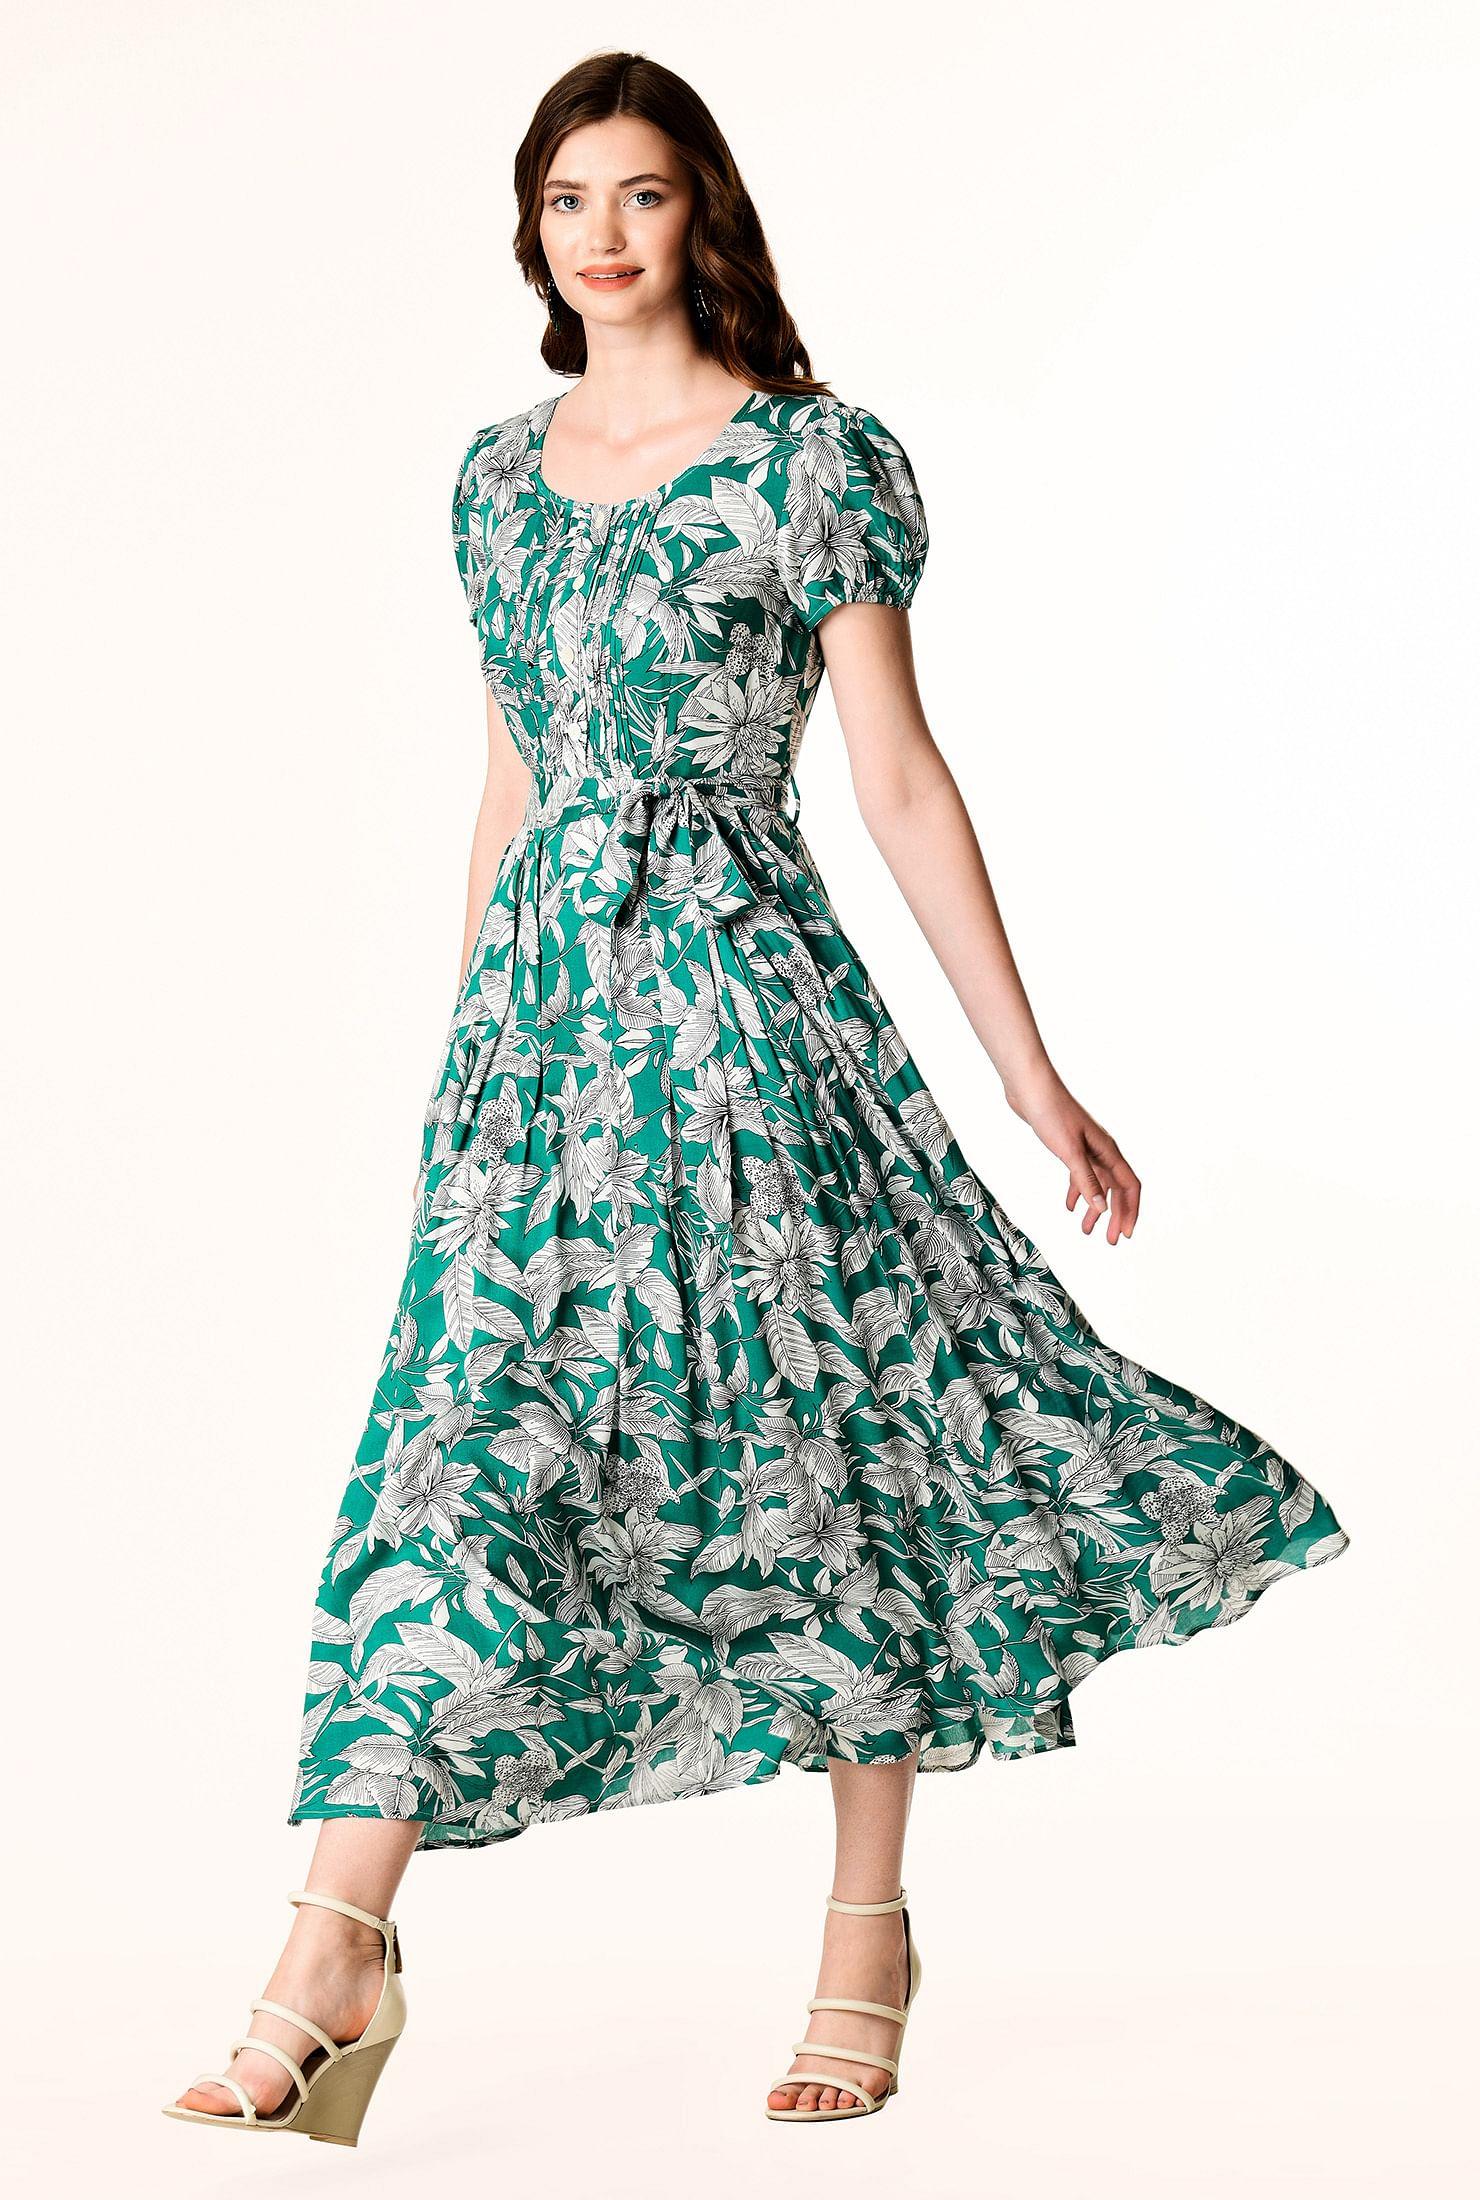 Tux pleat front tropical print dress